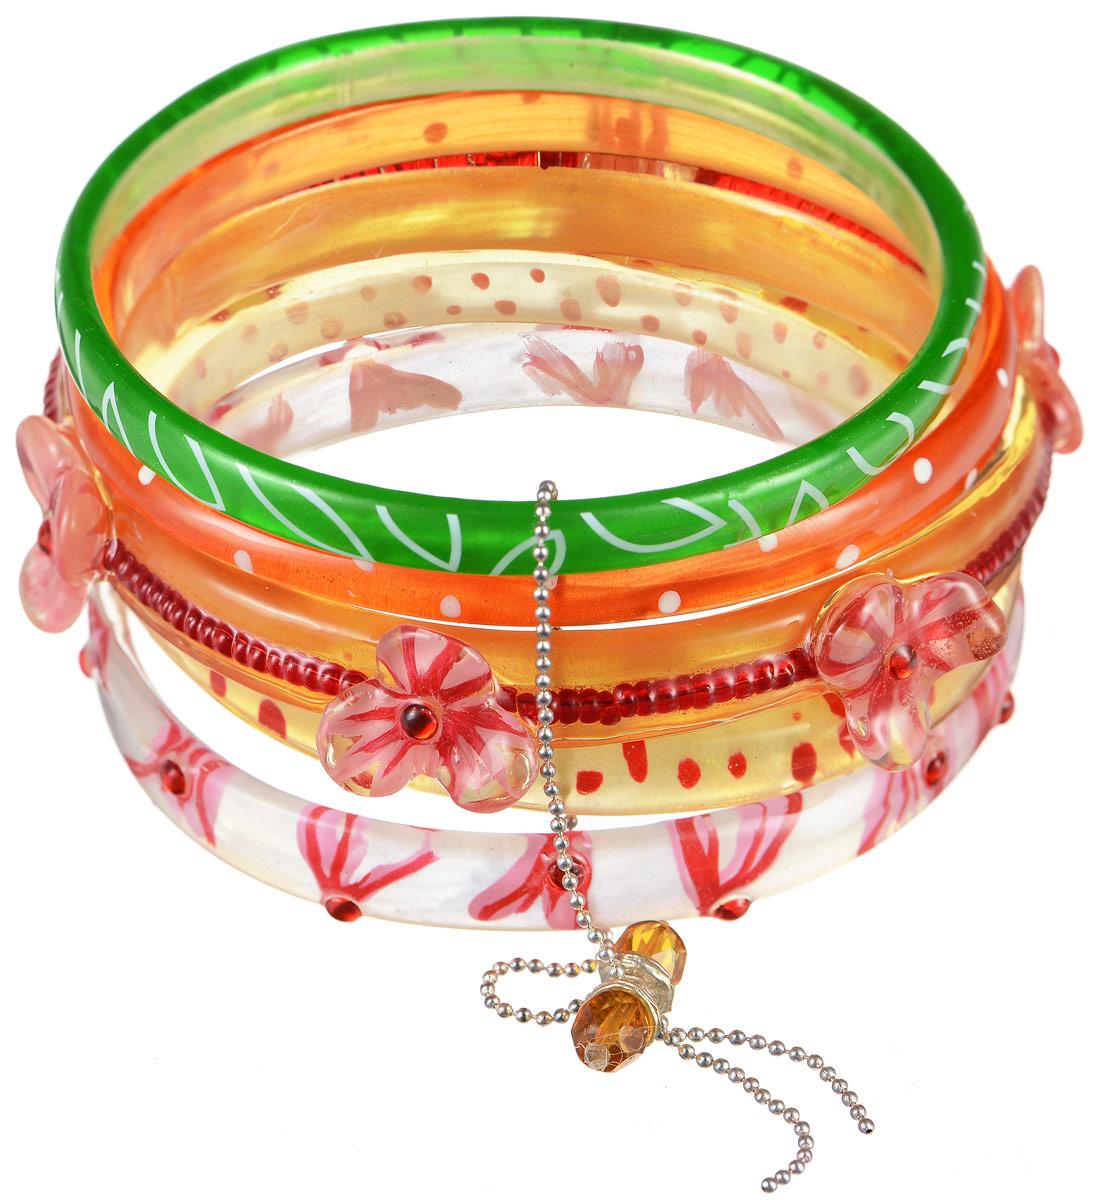 Браслет Lalo Treasures Row, цвет: розовый, оранжевый, зеленый. Bn2508Браслет с подвескамиЯркое комбинированное украшение Lalo Treasures Row включает пять браслетов, выполненных из ювелирной смолы. Изделия оформлены оригинальными орнаментами и декоративными элементами в виде цветов.Стильное украшение поможет дополнить любой образ и привнести в него завершающий яркий штрих.